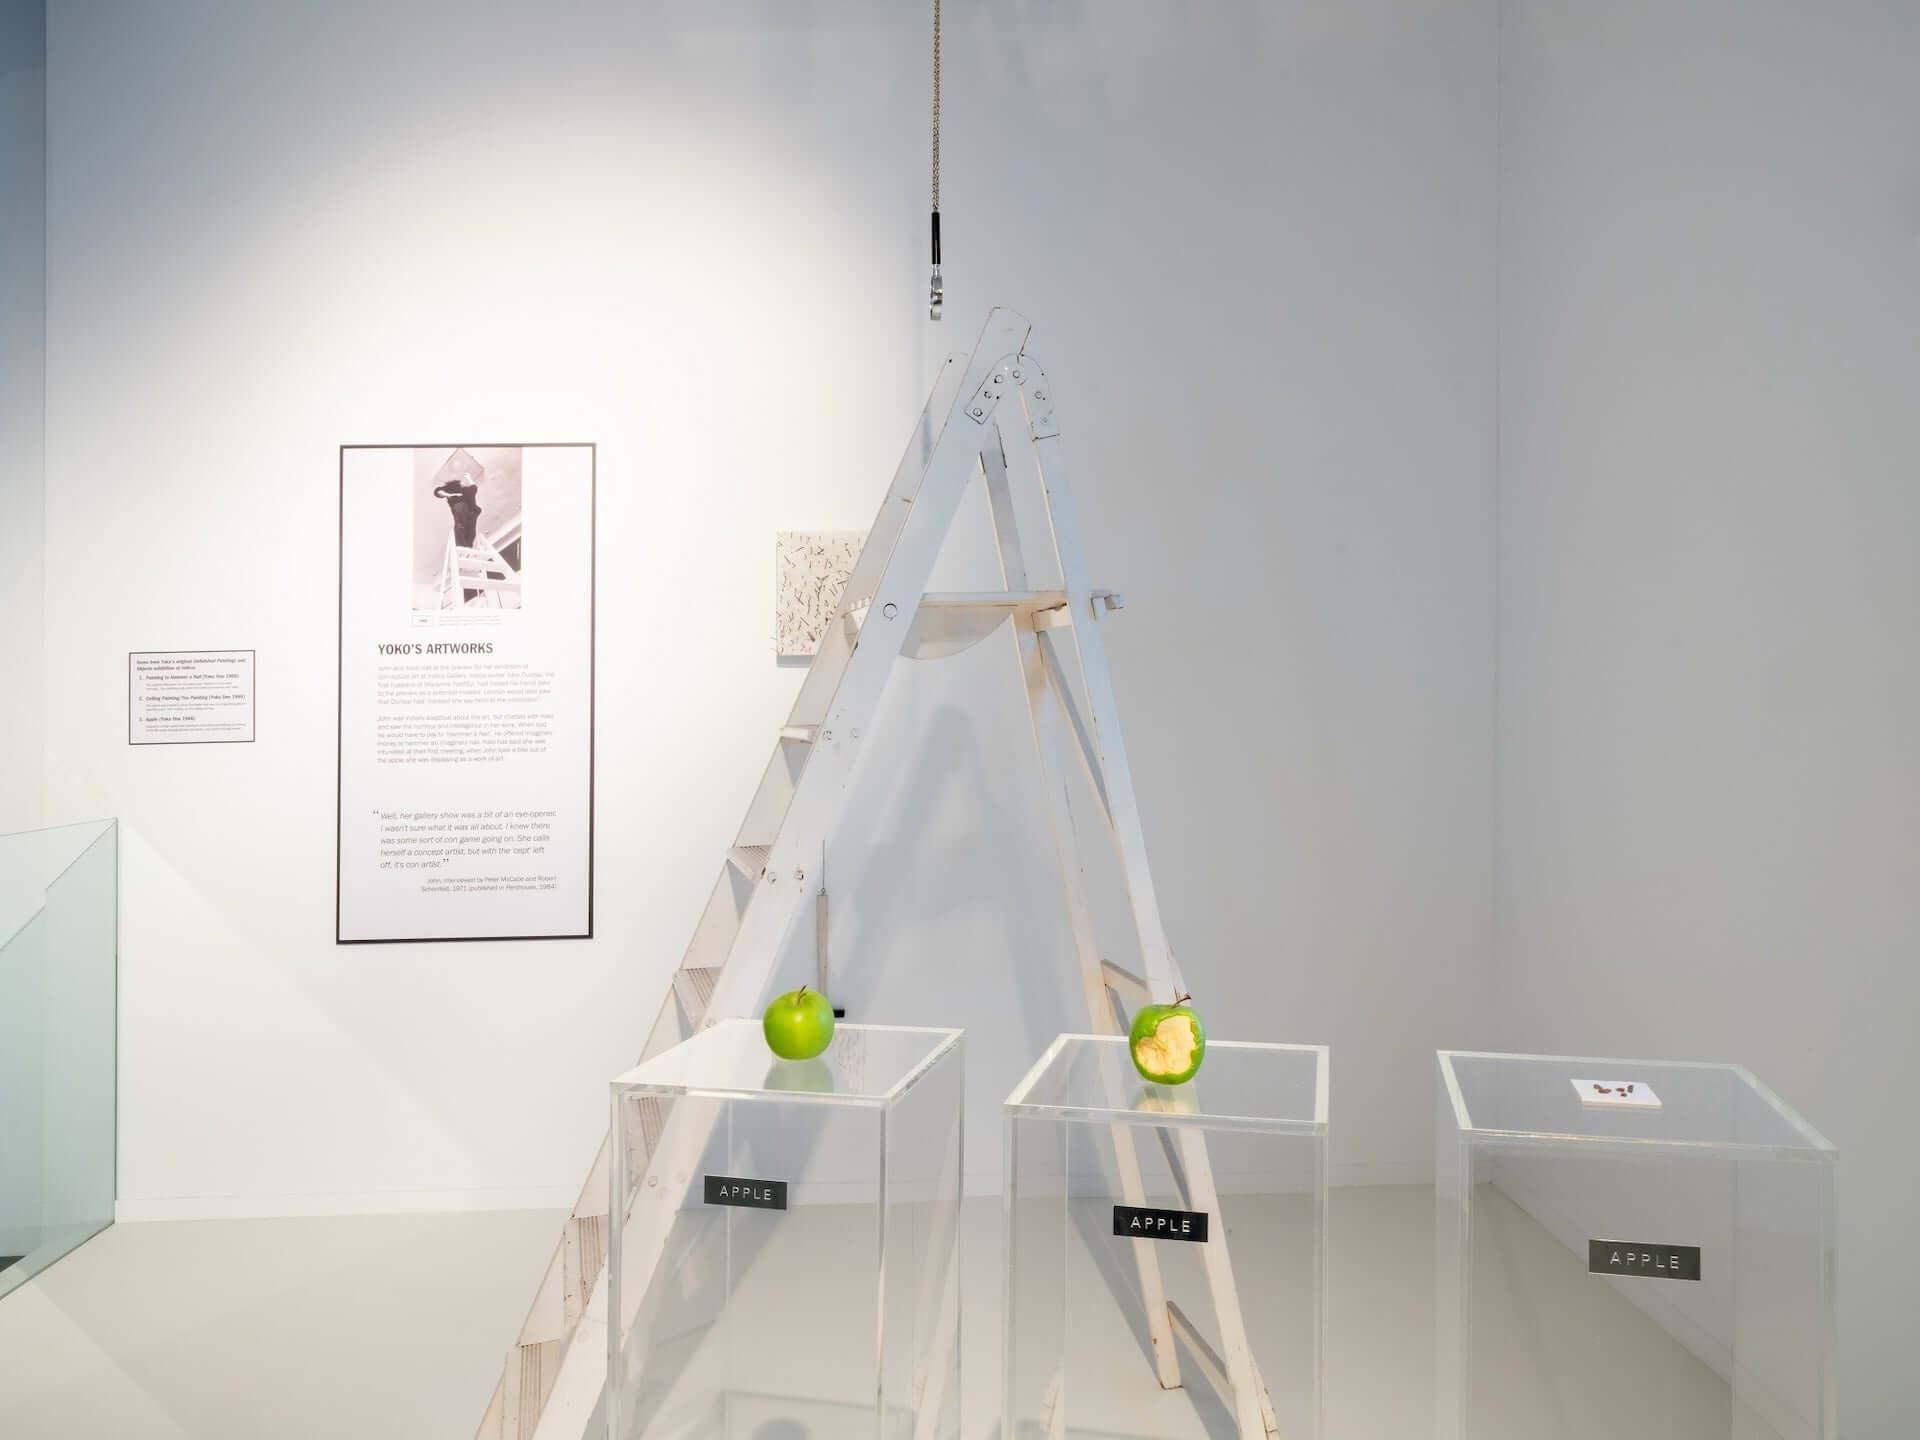 ジョン・レノンとオノ・ヨーコの軌跡を辿る展覧会<DOUBLE FANTASY - John & Yoko>東京展が開催決定!私物など100点以上展示 art200630_doublefantasy_7-1920x1440